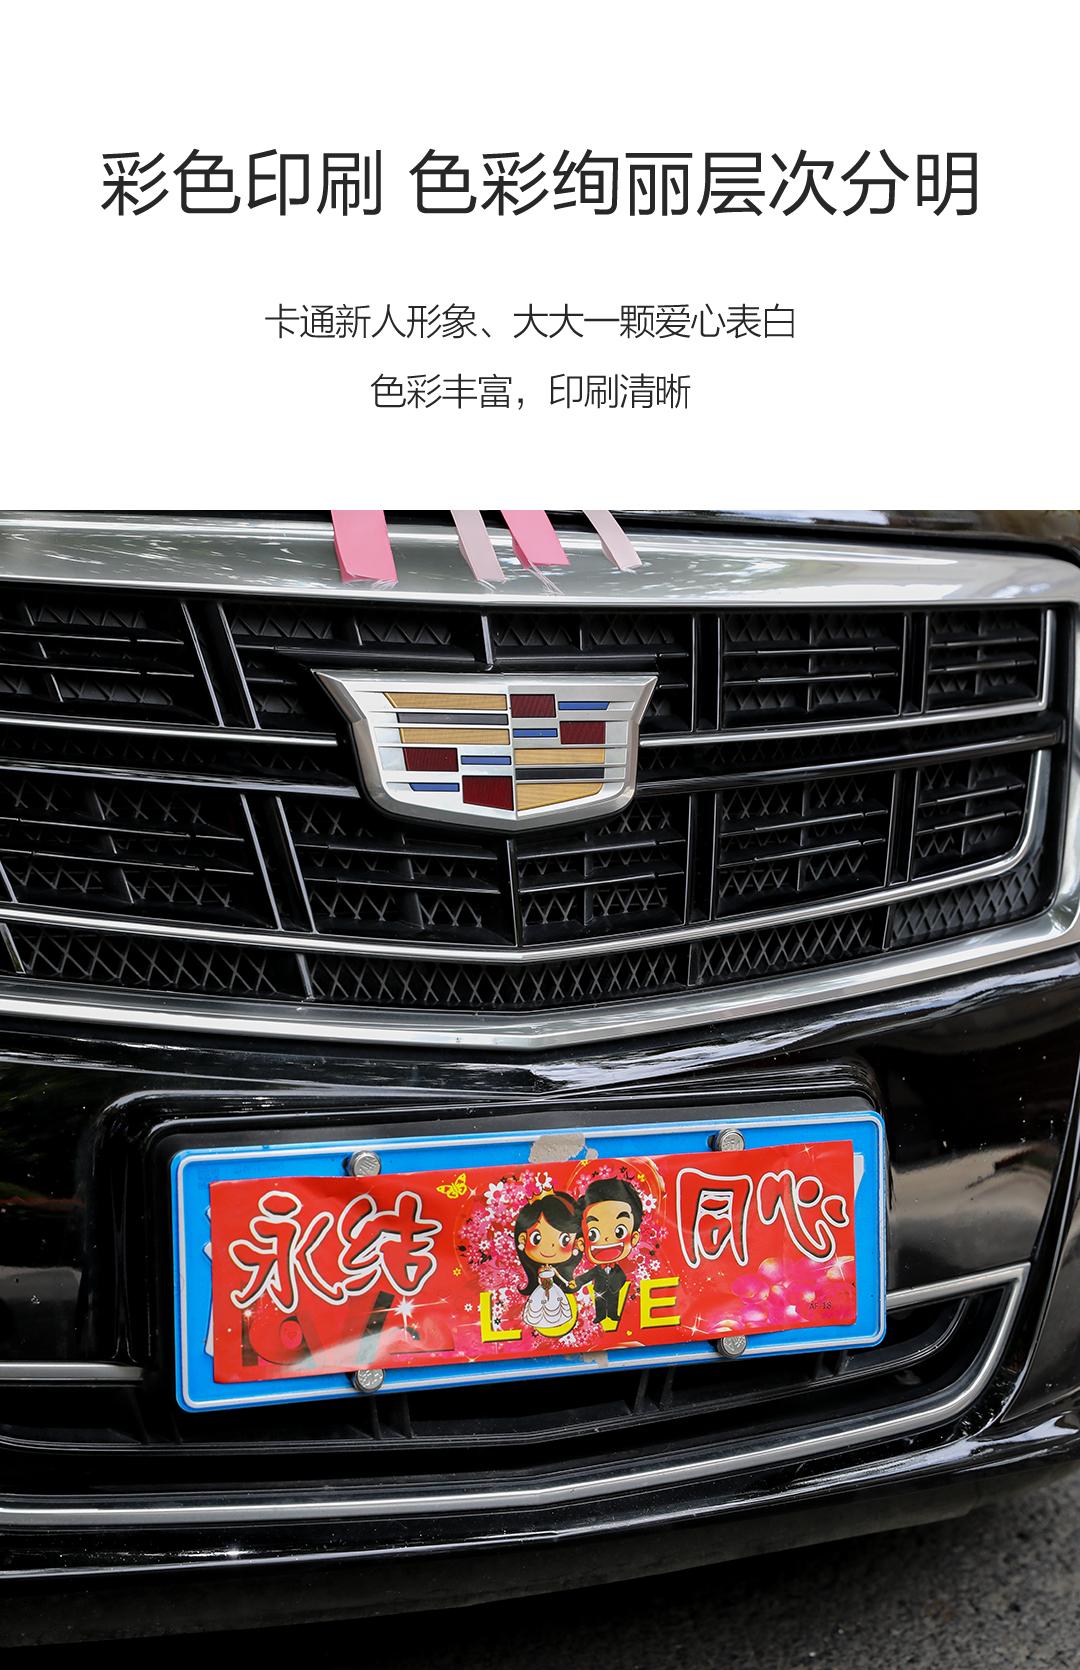 【10张】婚车不干胶车牌贴